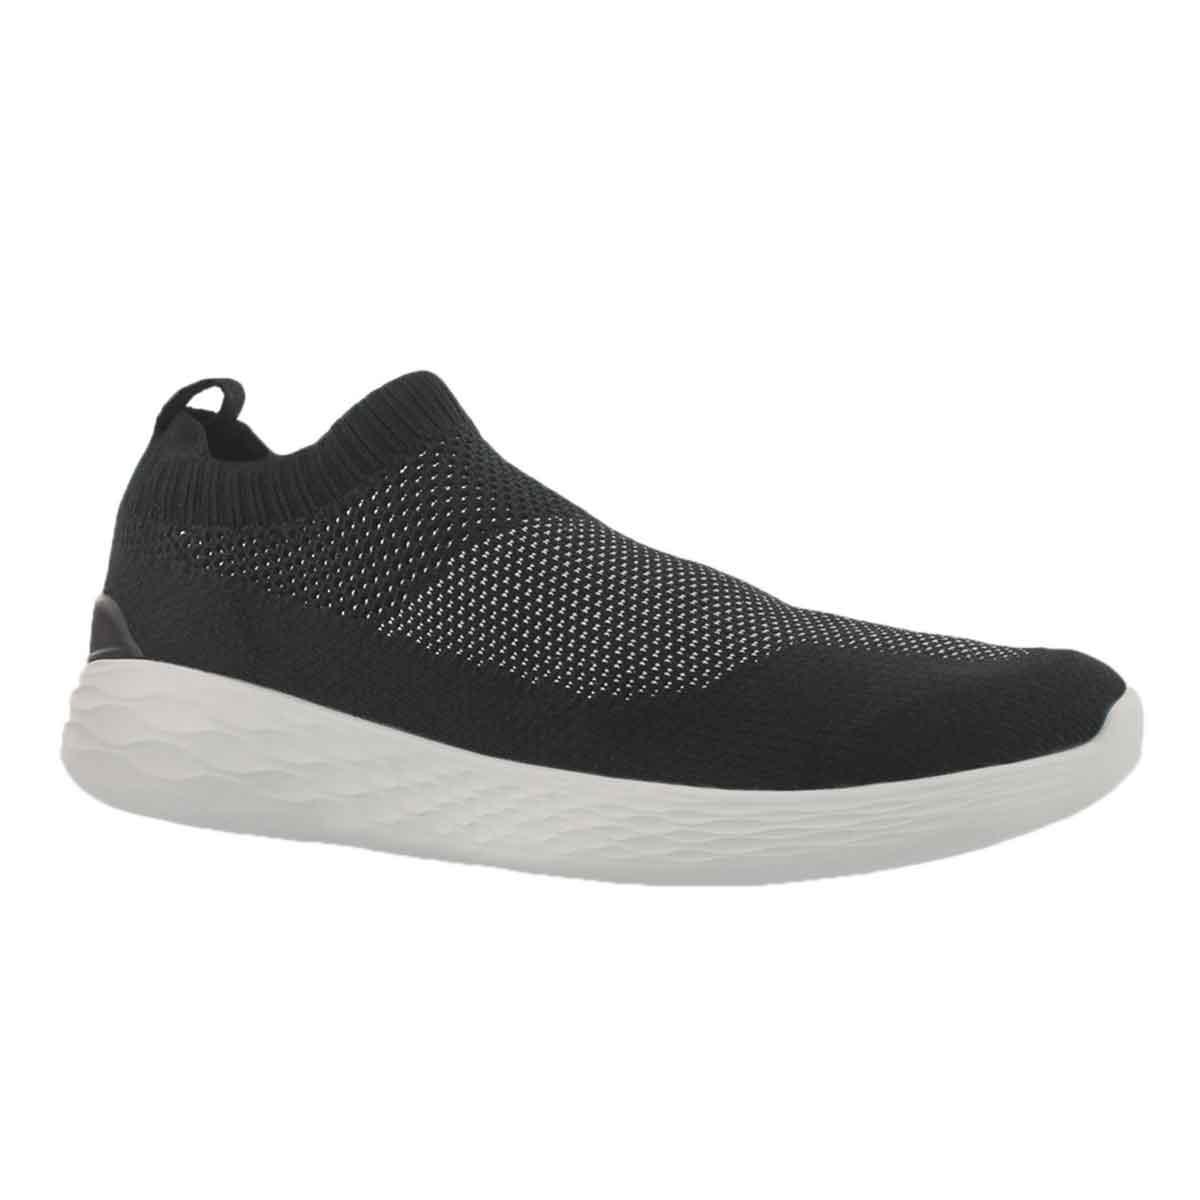 Men's GO STRIKE black/white slip on shoes